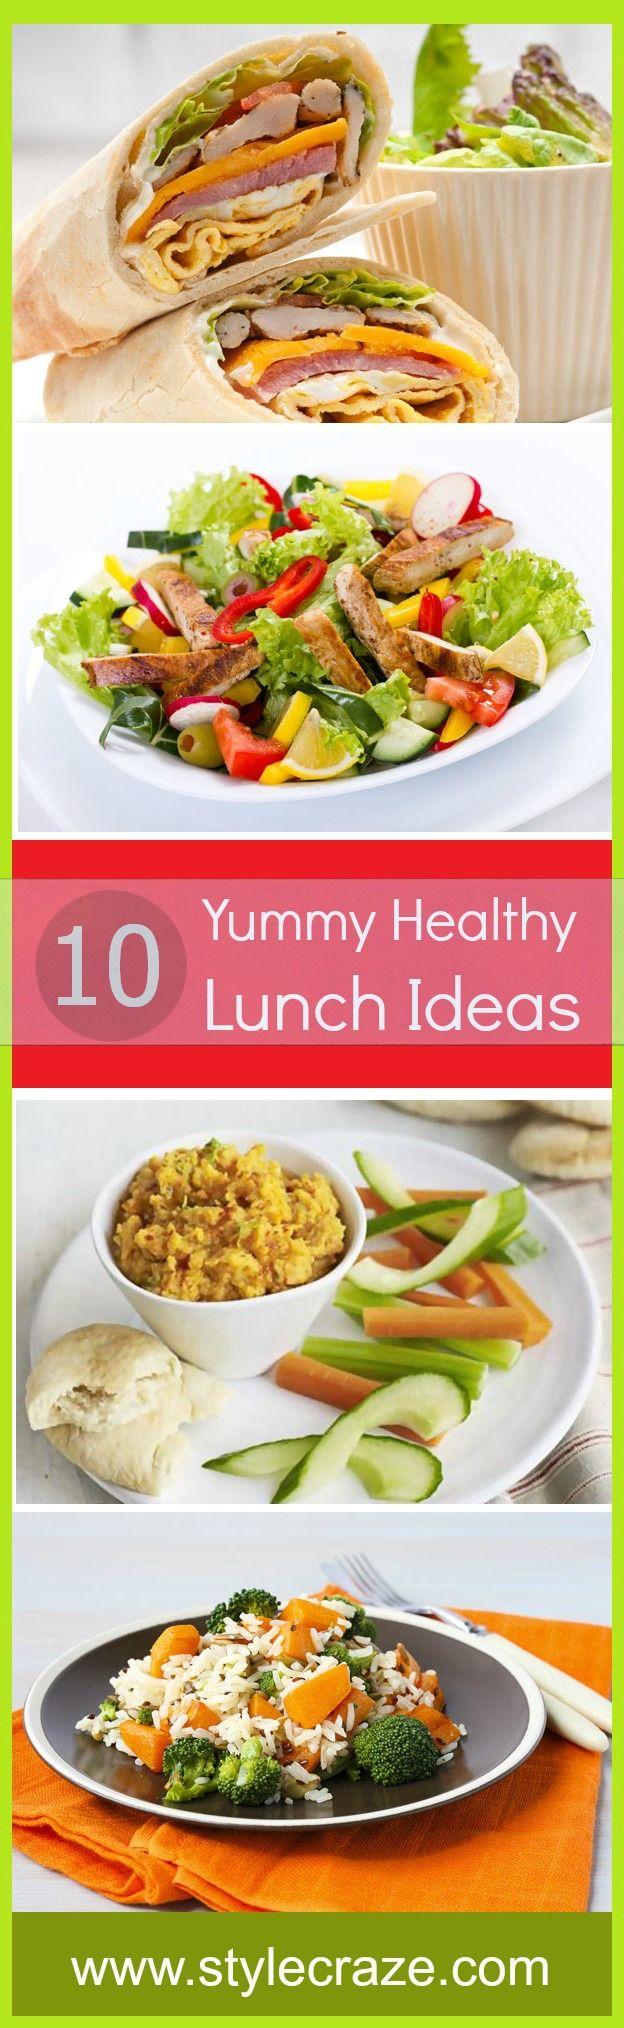 top 10 yummy healthy lunch ideas